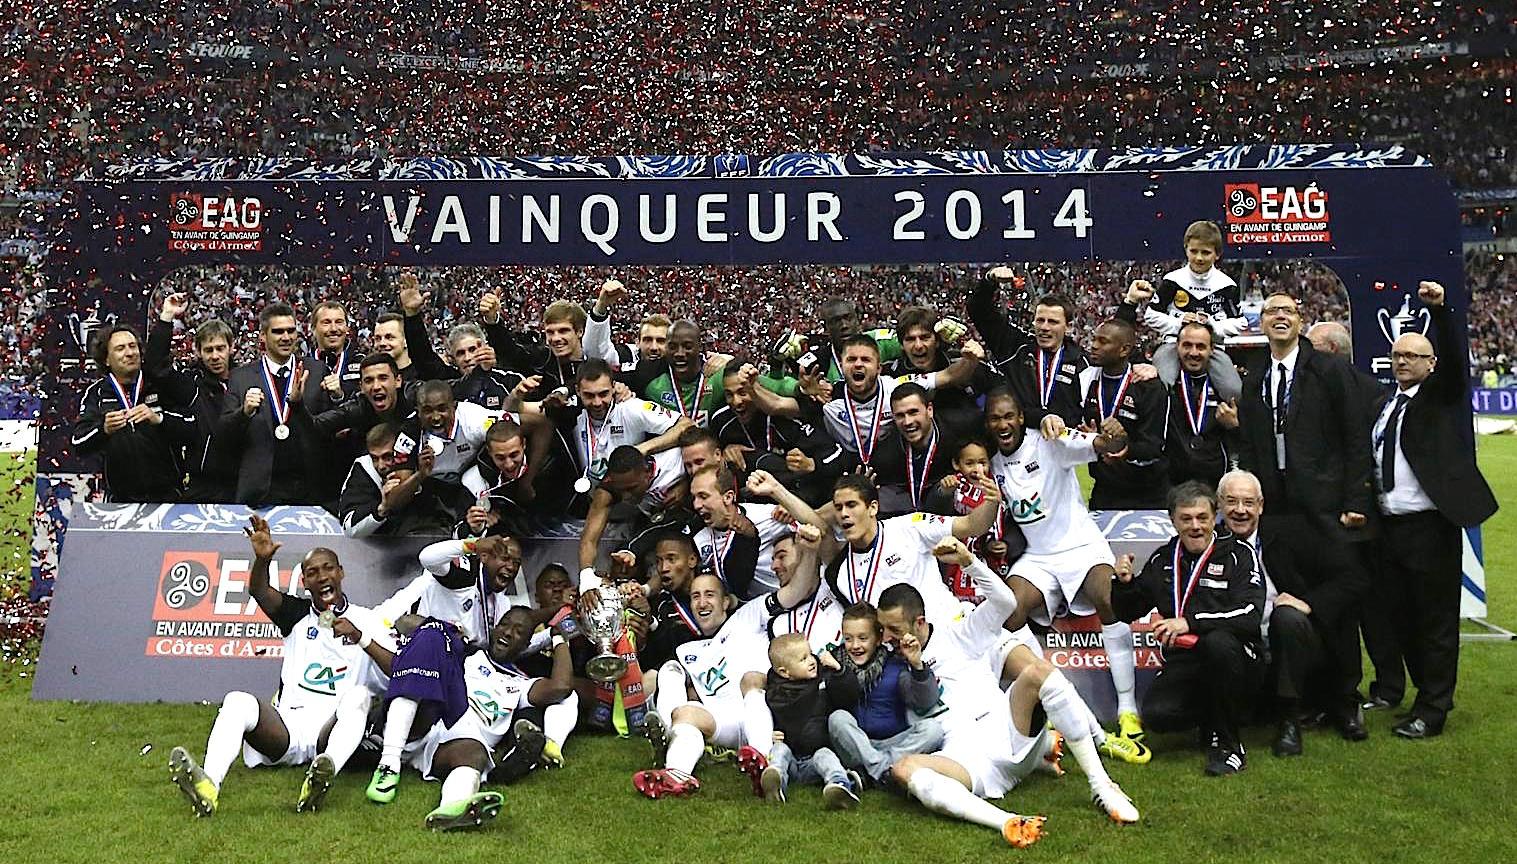 Vainqueur de la coupe de france 2014 en avant de guingamp - Coupe de france 2014 2015 ...